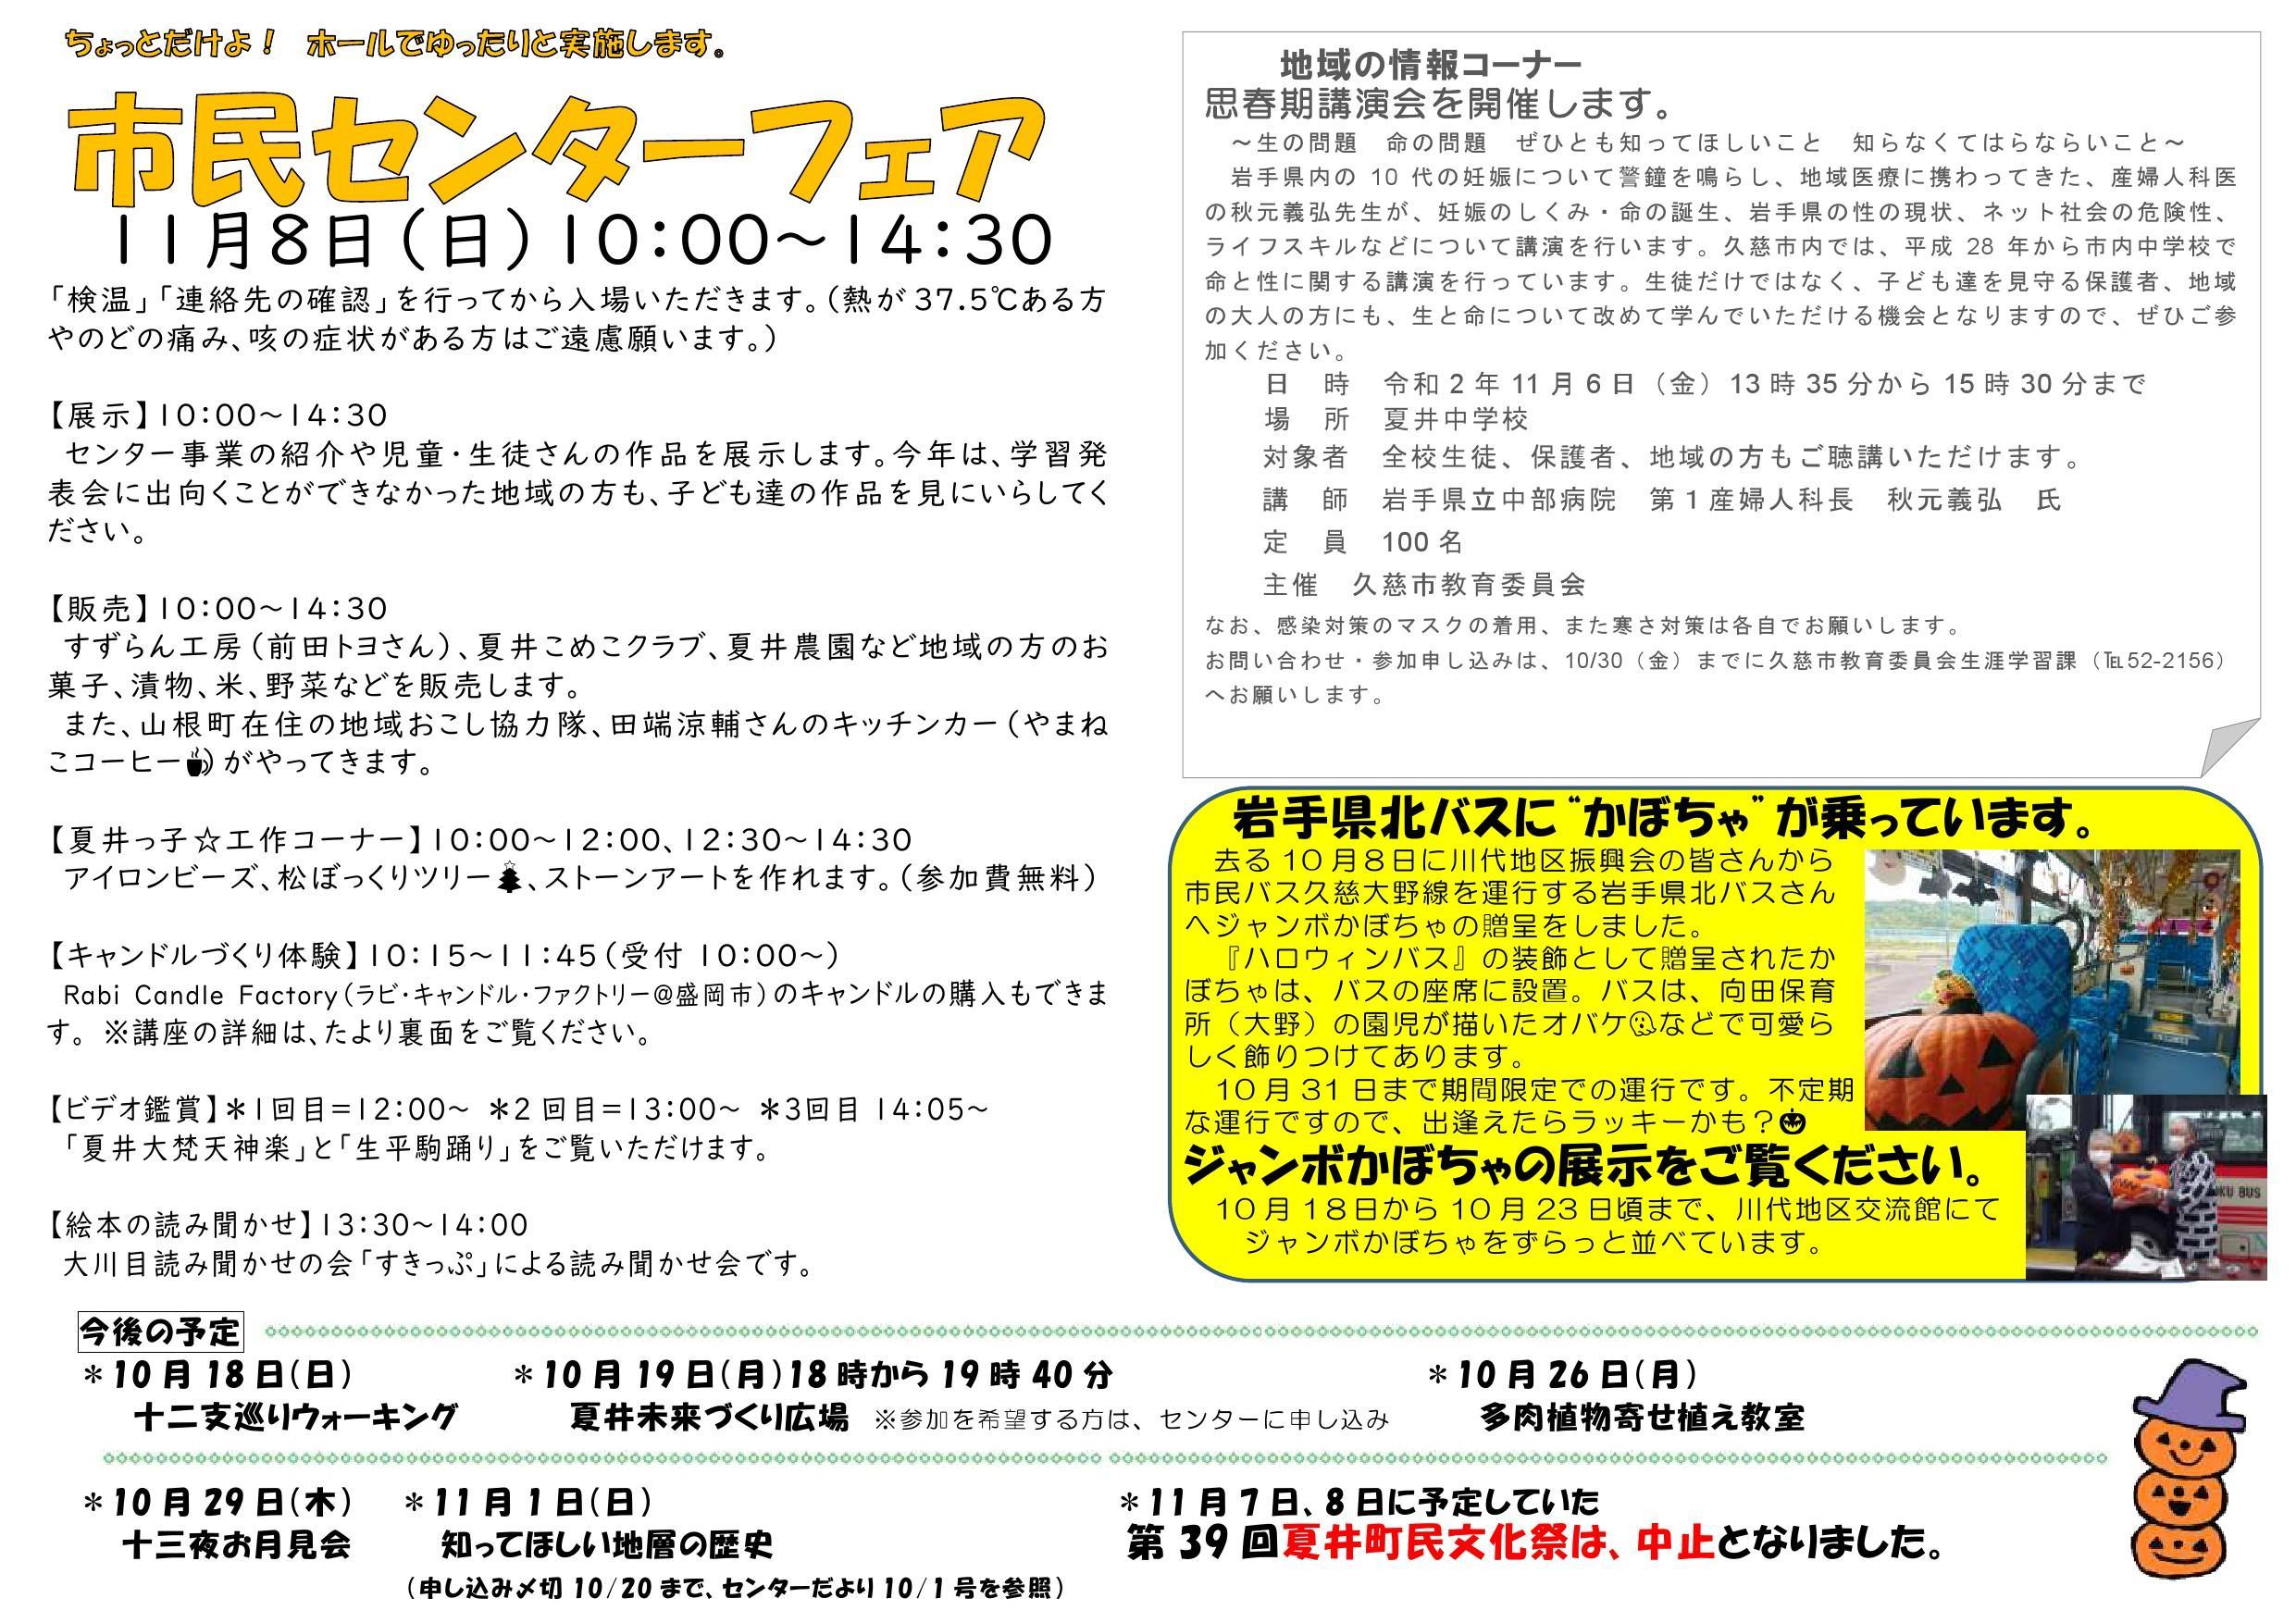 夏井市民センターだより(10月15日号)2ページ